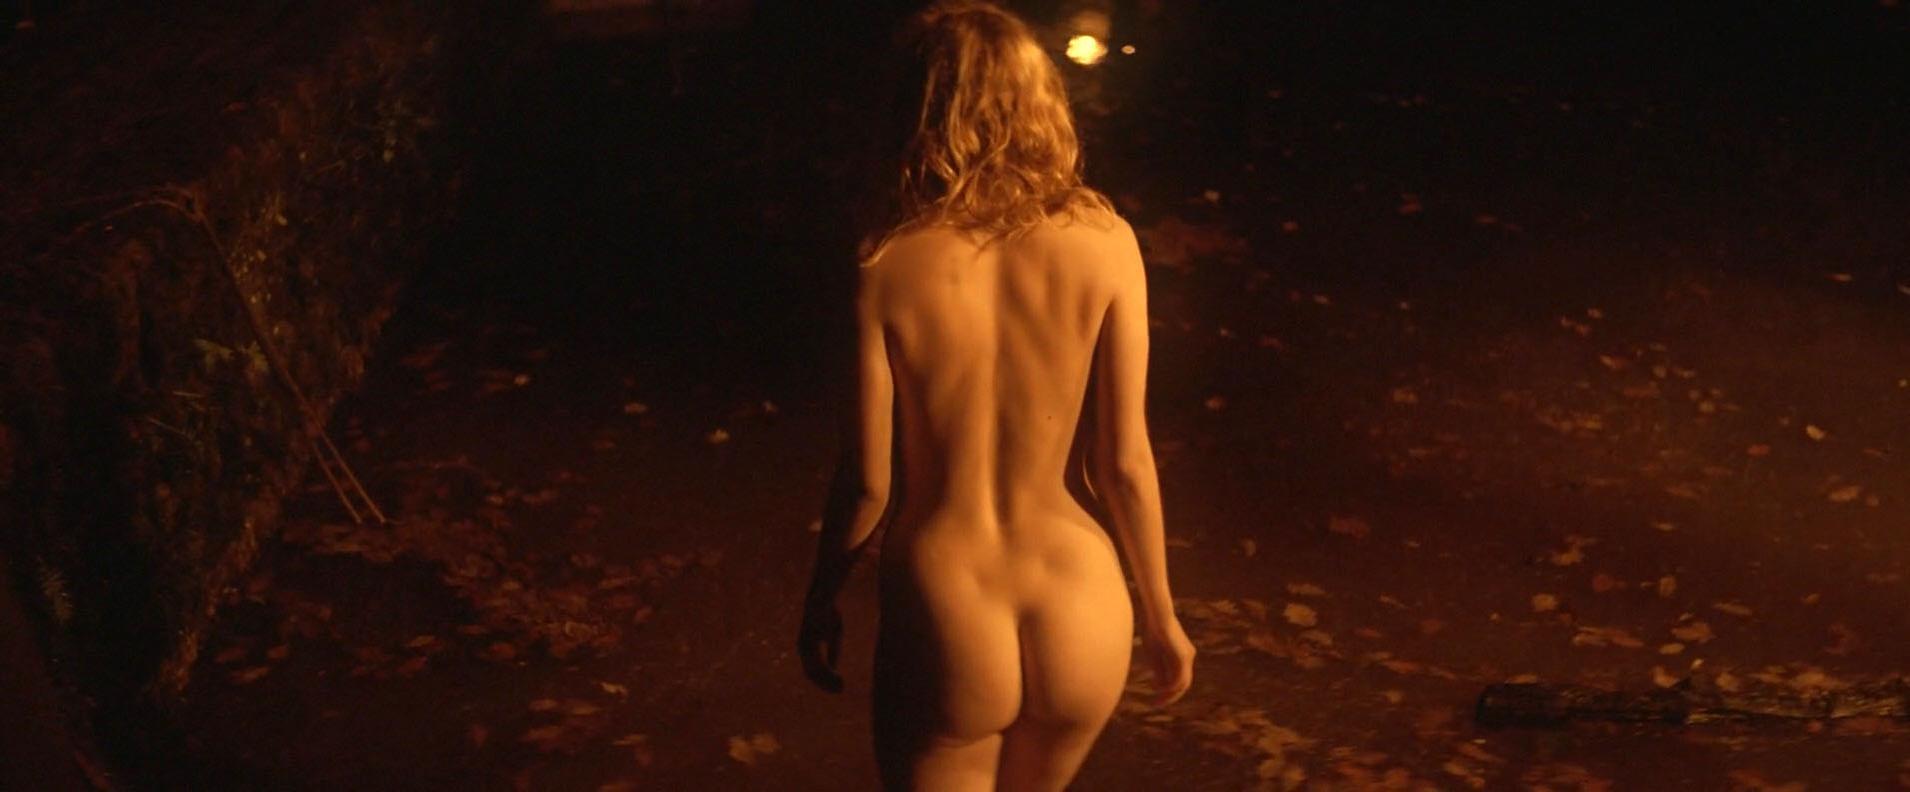 Hannah Murray nude, Elinor Crawley nude - Bridgend (2015)